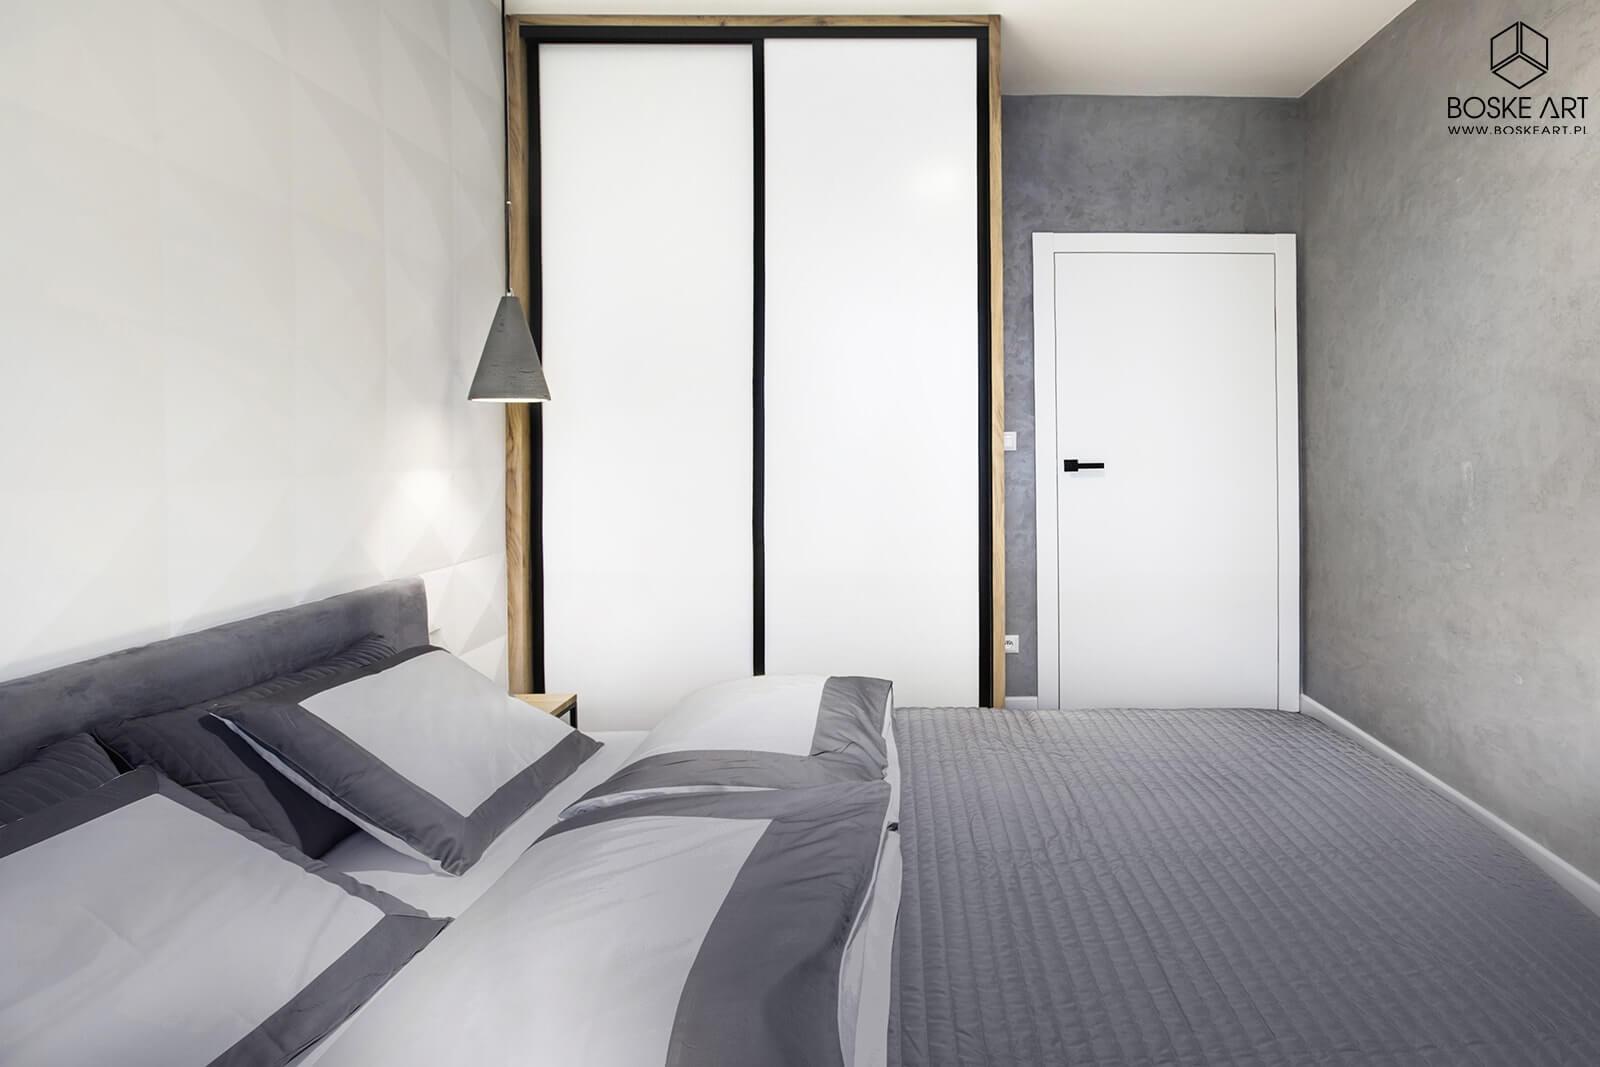 17_apartamenty_na_wynajem_poznan_boske_art_projektowanie_aranzacja_architektura_wnetrz_natalia_robaszkeiwicz-min